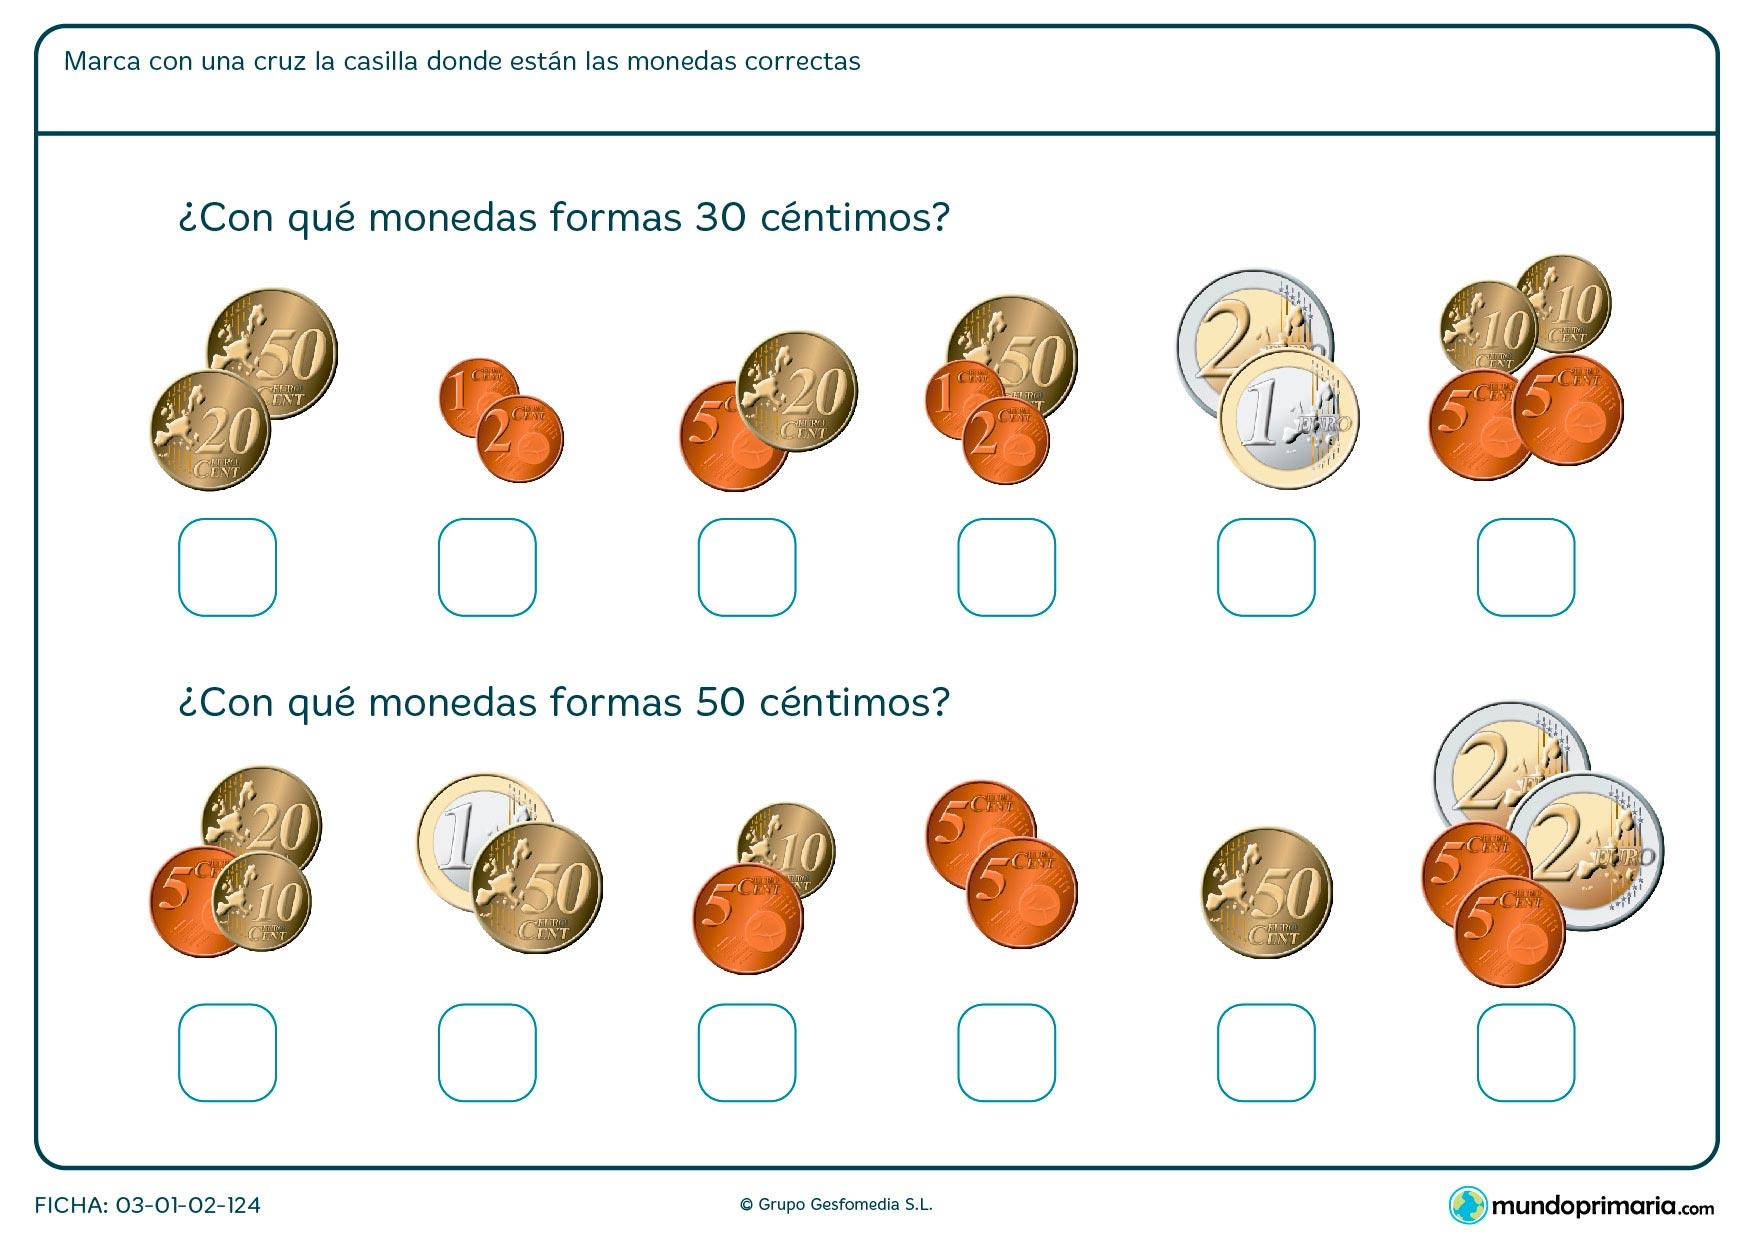 Ficha de céntimos y monedas en la que se debe calcular la cantidad de monedas necesaria.